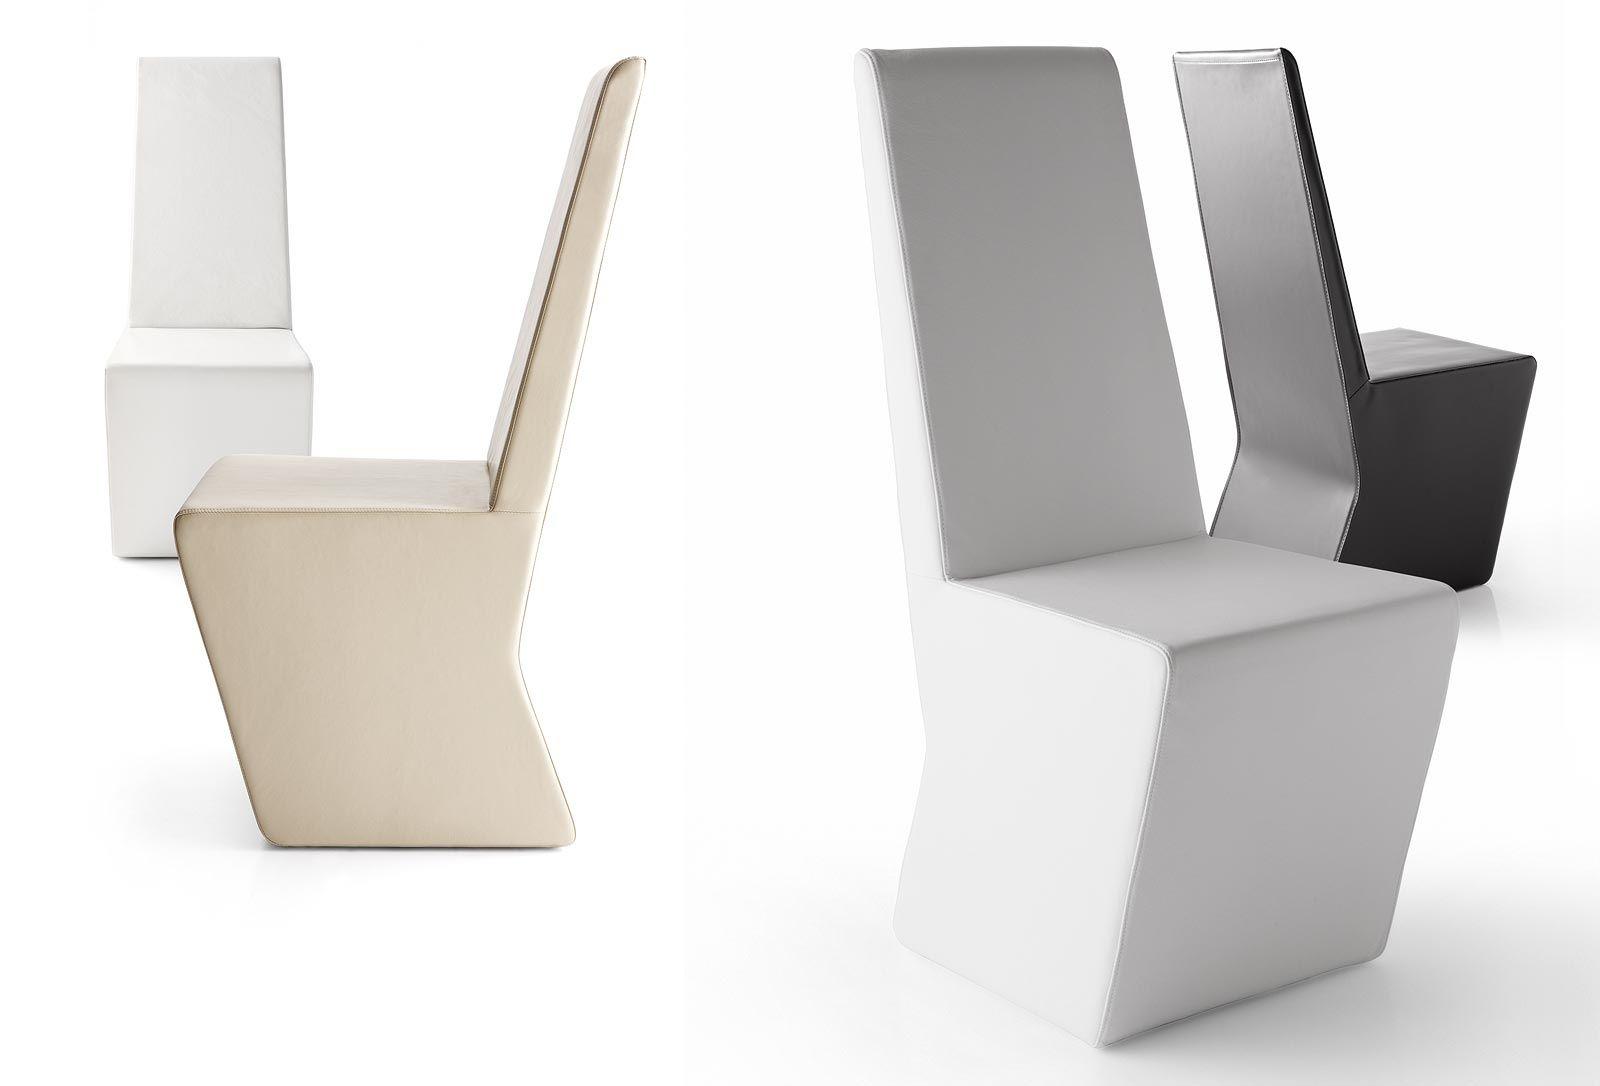 Sedia moderna a schienale alto in pelle per uso contract